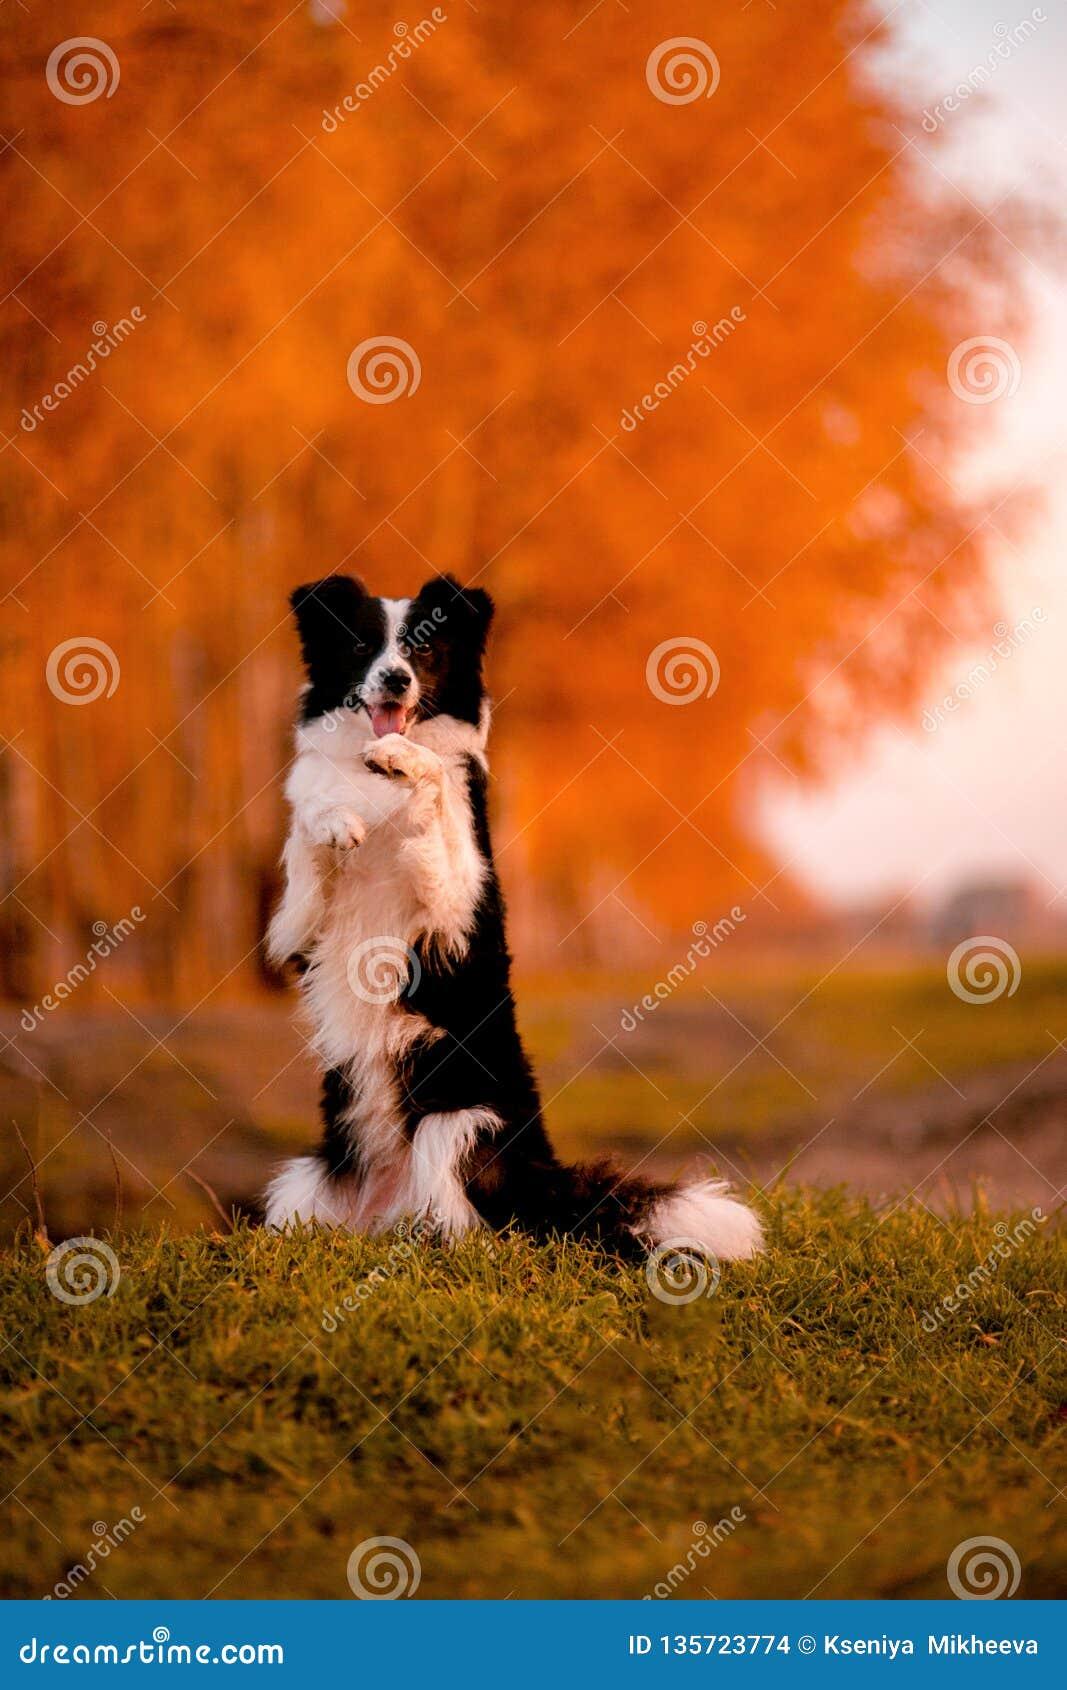 Γραπτή παραμονή κόλλεϊ συνόρων σκυλιών στη χλόη Ηλιοβασίλεμα κίτρινο δάσος στο υπόβαθρο Φθινόπωρο